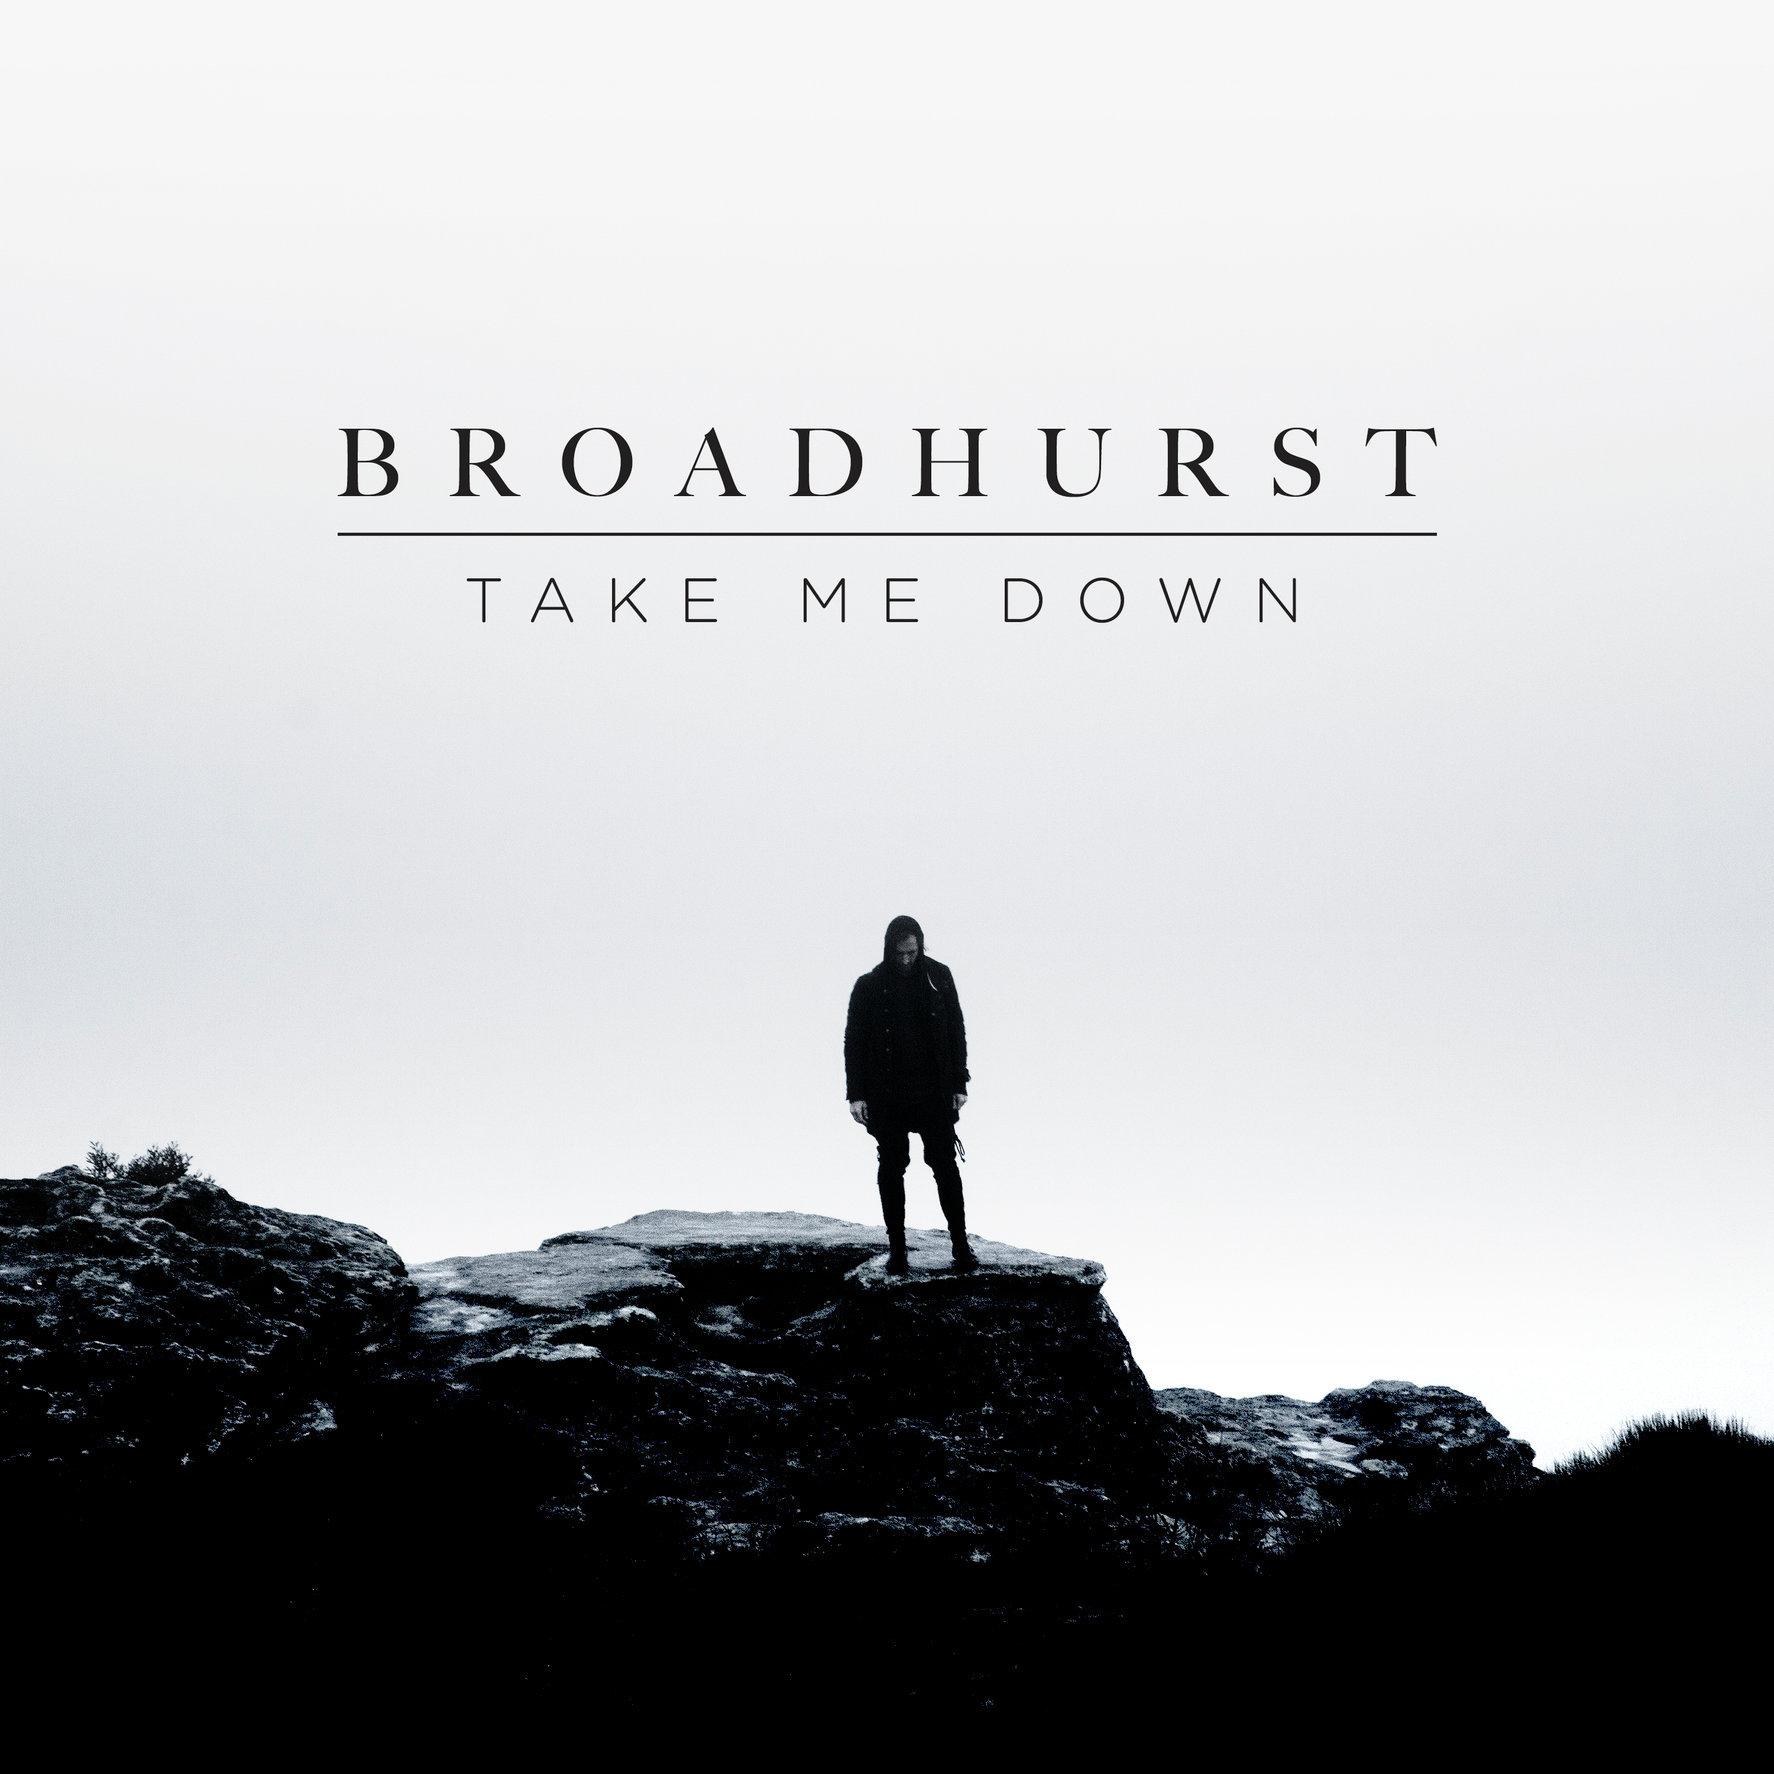 Take Me Down 3000x3000px 72dpi.jpg